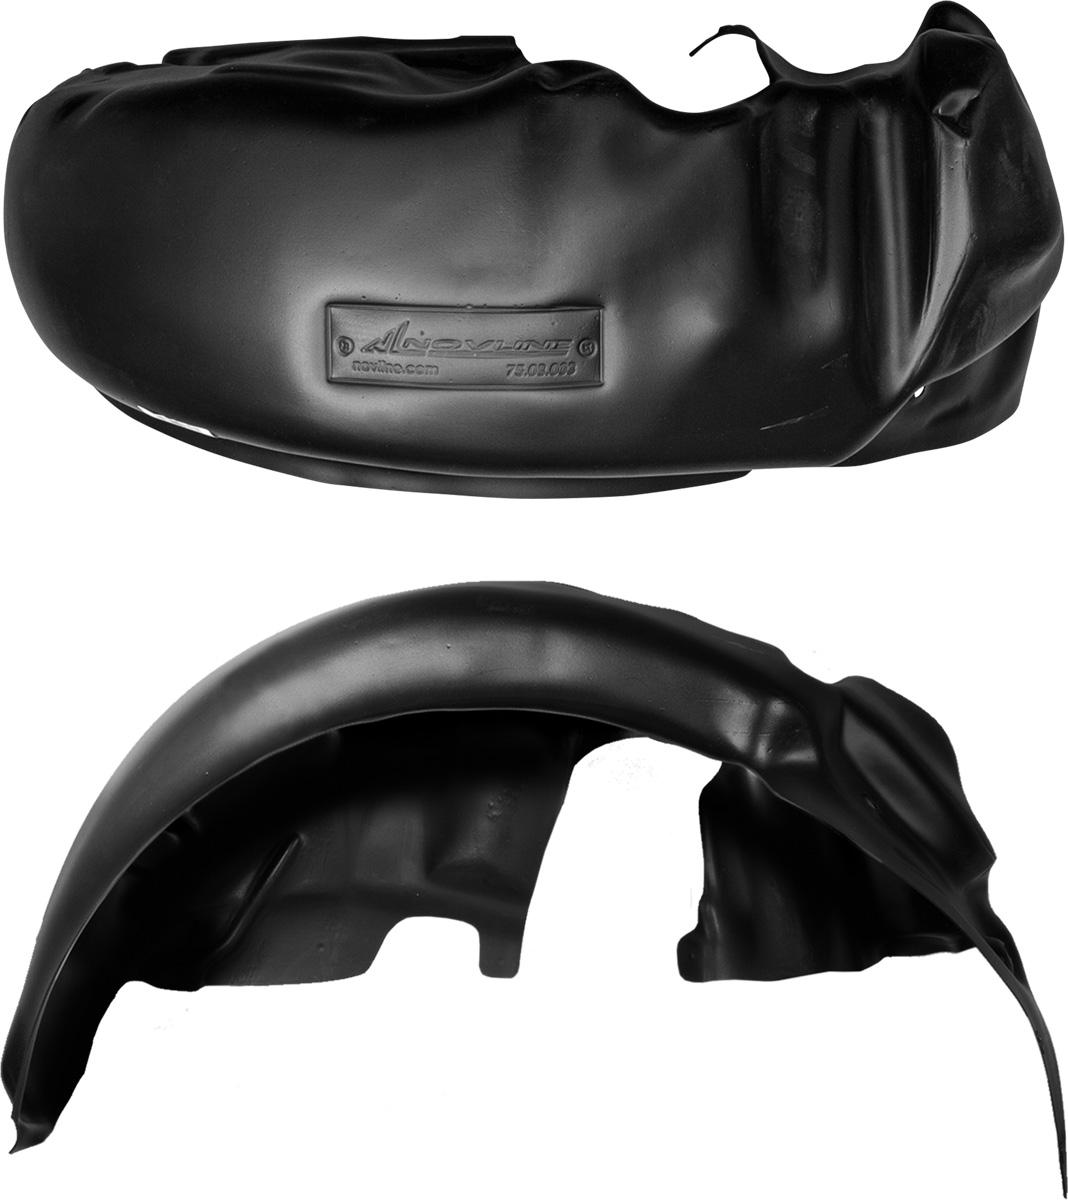 Подкрылок LADA Granta, 2011->, задний правыйNLL.52.25.004Колесные ниши – одни из самых уязвимых зон днища вашего автомобиля. Они постоянно подвергаются воздействию со стороны дороги. Лучшая, почти абсолютная защита для них - специально отформованные пластиковые кожухи, которые называются подкрылками, или локерами. Производятся они как для отечественных моделей автомобилей, так и для иномарок. Подкрылки выполнены из высококачественного, экологически чистого пластика. Обеспечивают надежную защиту кузова автомобиля от пескоструйного эффекта и негативного влияния, агрессивных антигололедных реагентов. Пластик обладает более низкой теплопроводностью, чем металл, поэтому в зимний период эксплуатации использование пластиковых подкрылков позволяет лучше защитить колесные ниши от налипания снега и образования наледи. Оригинальность конструкции подчеркивает элегантность автомобиля, бережно защищает нанесенное на днище кузова антикоррозийное покрытие и позволяет осуществить крепление подкрылков внутри колесной арки практически без дополнительного крепежа и сверления, не нарушая при этом лакокрасочного покрытия, что предотвращает возникновение новых очагов коррозии. Технология крепления подкрылков на иномарки принципиально отличается от крепления на российские автомобили и разрабатывается индивидуально для каждой модели автомобиля. Подкрылки долговечны, обладают высокой прочностью и сохраняют заданную форму, а также все свои физико-механические характеристики в самых тяжелых климатических условиях ( от -50° С до + 50° С).